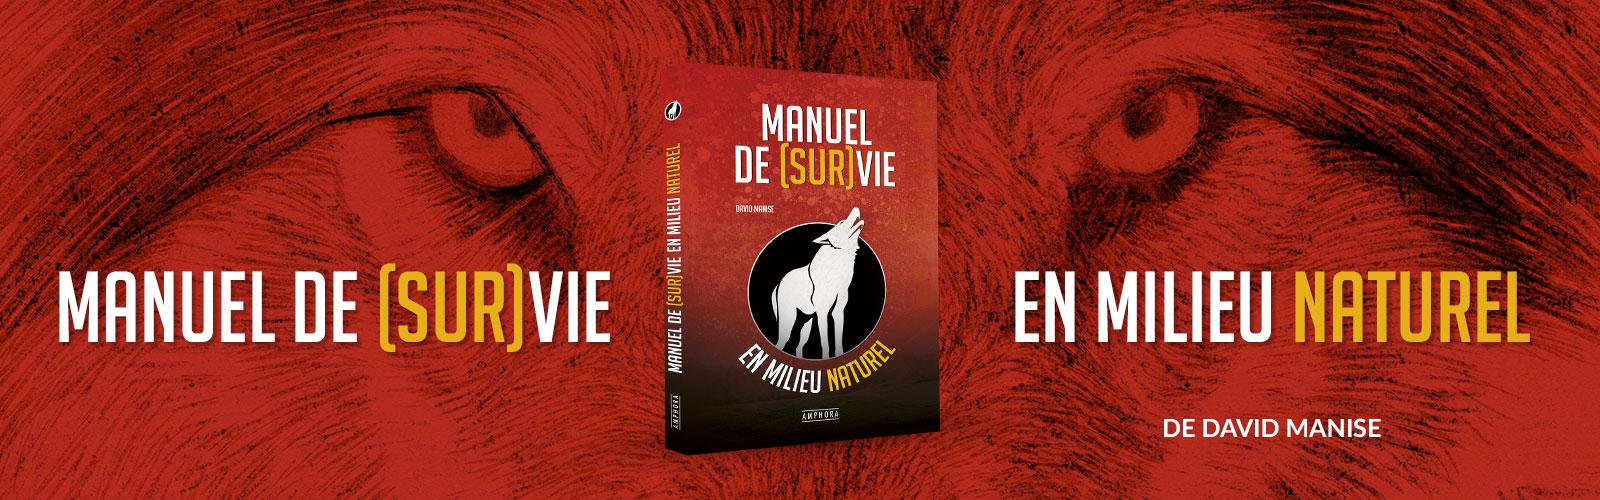 Slide_manuel-de-survie